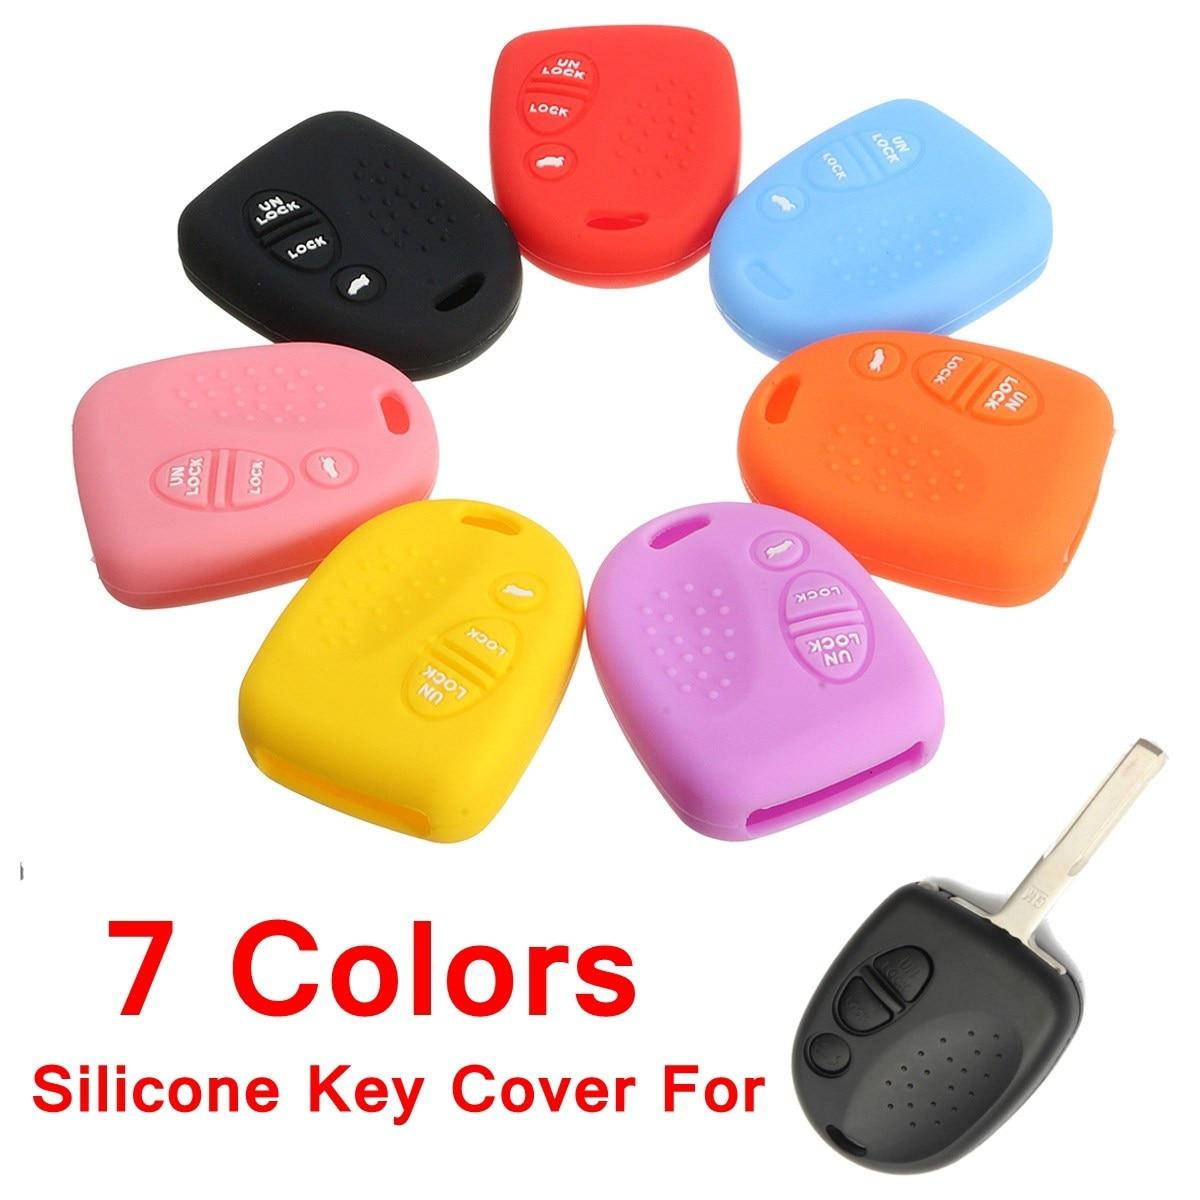 Силиконовый корпус дистанционного ключа автомобиля крышка для Holden Commodore WH WK WL VS VT VX VY VZ 3 кнопки